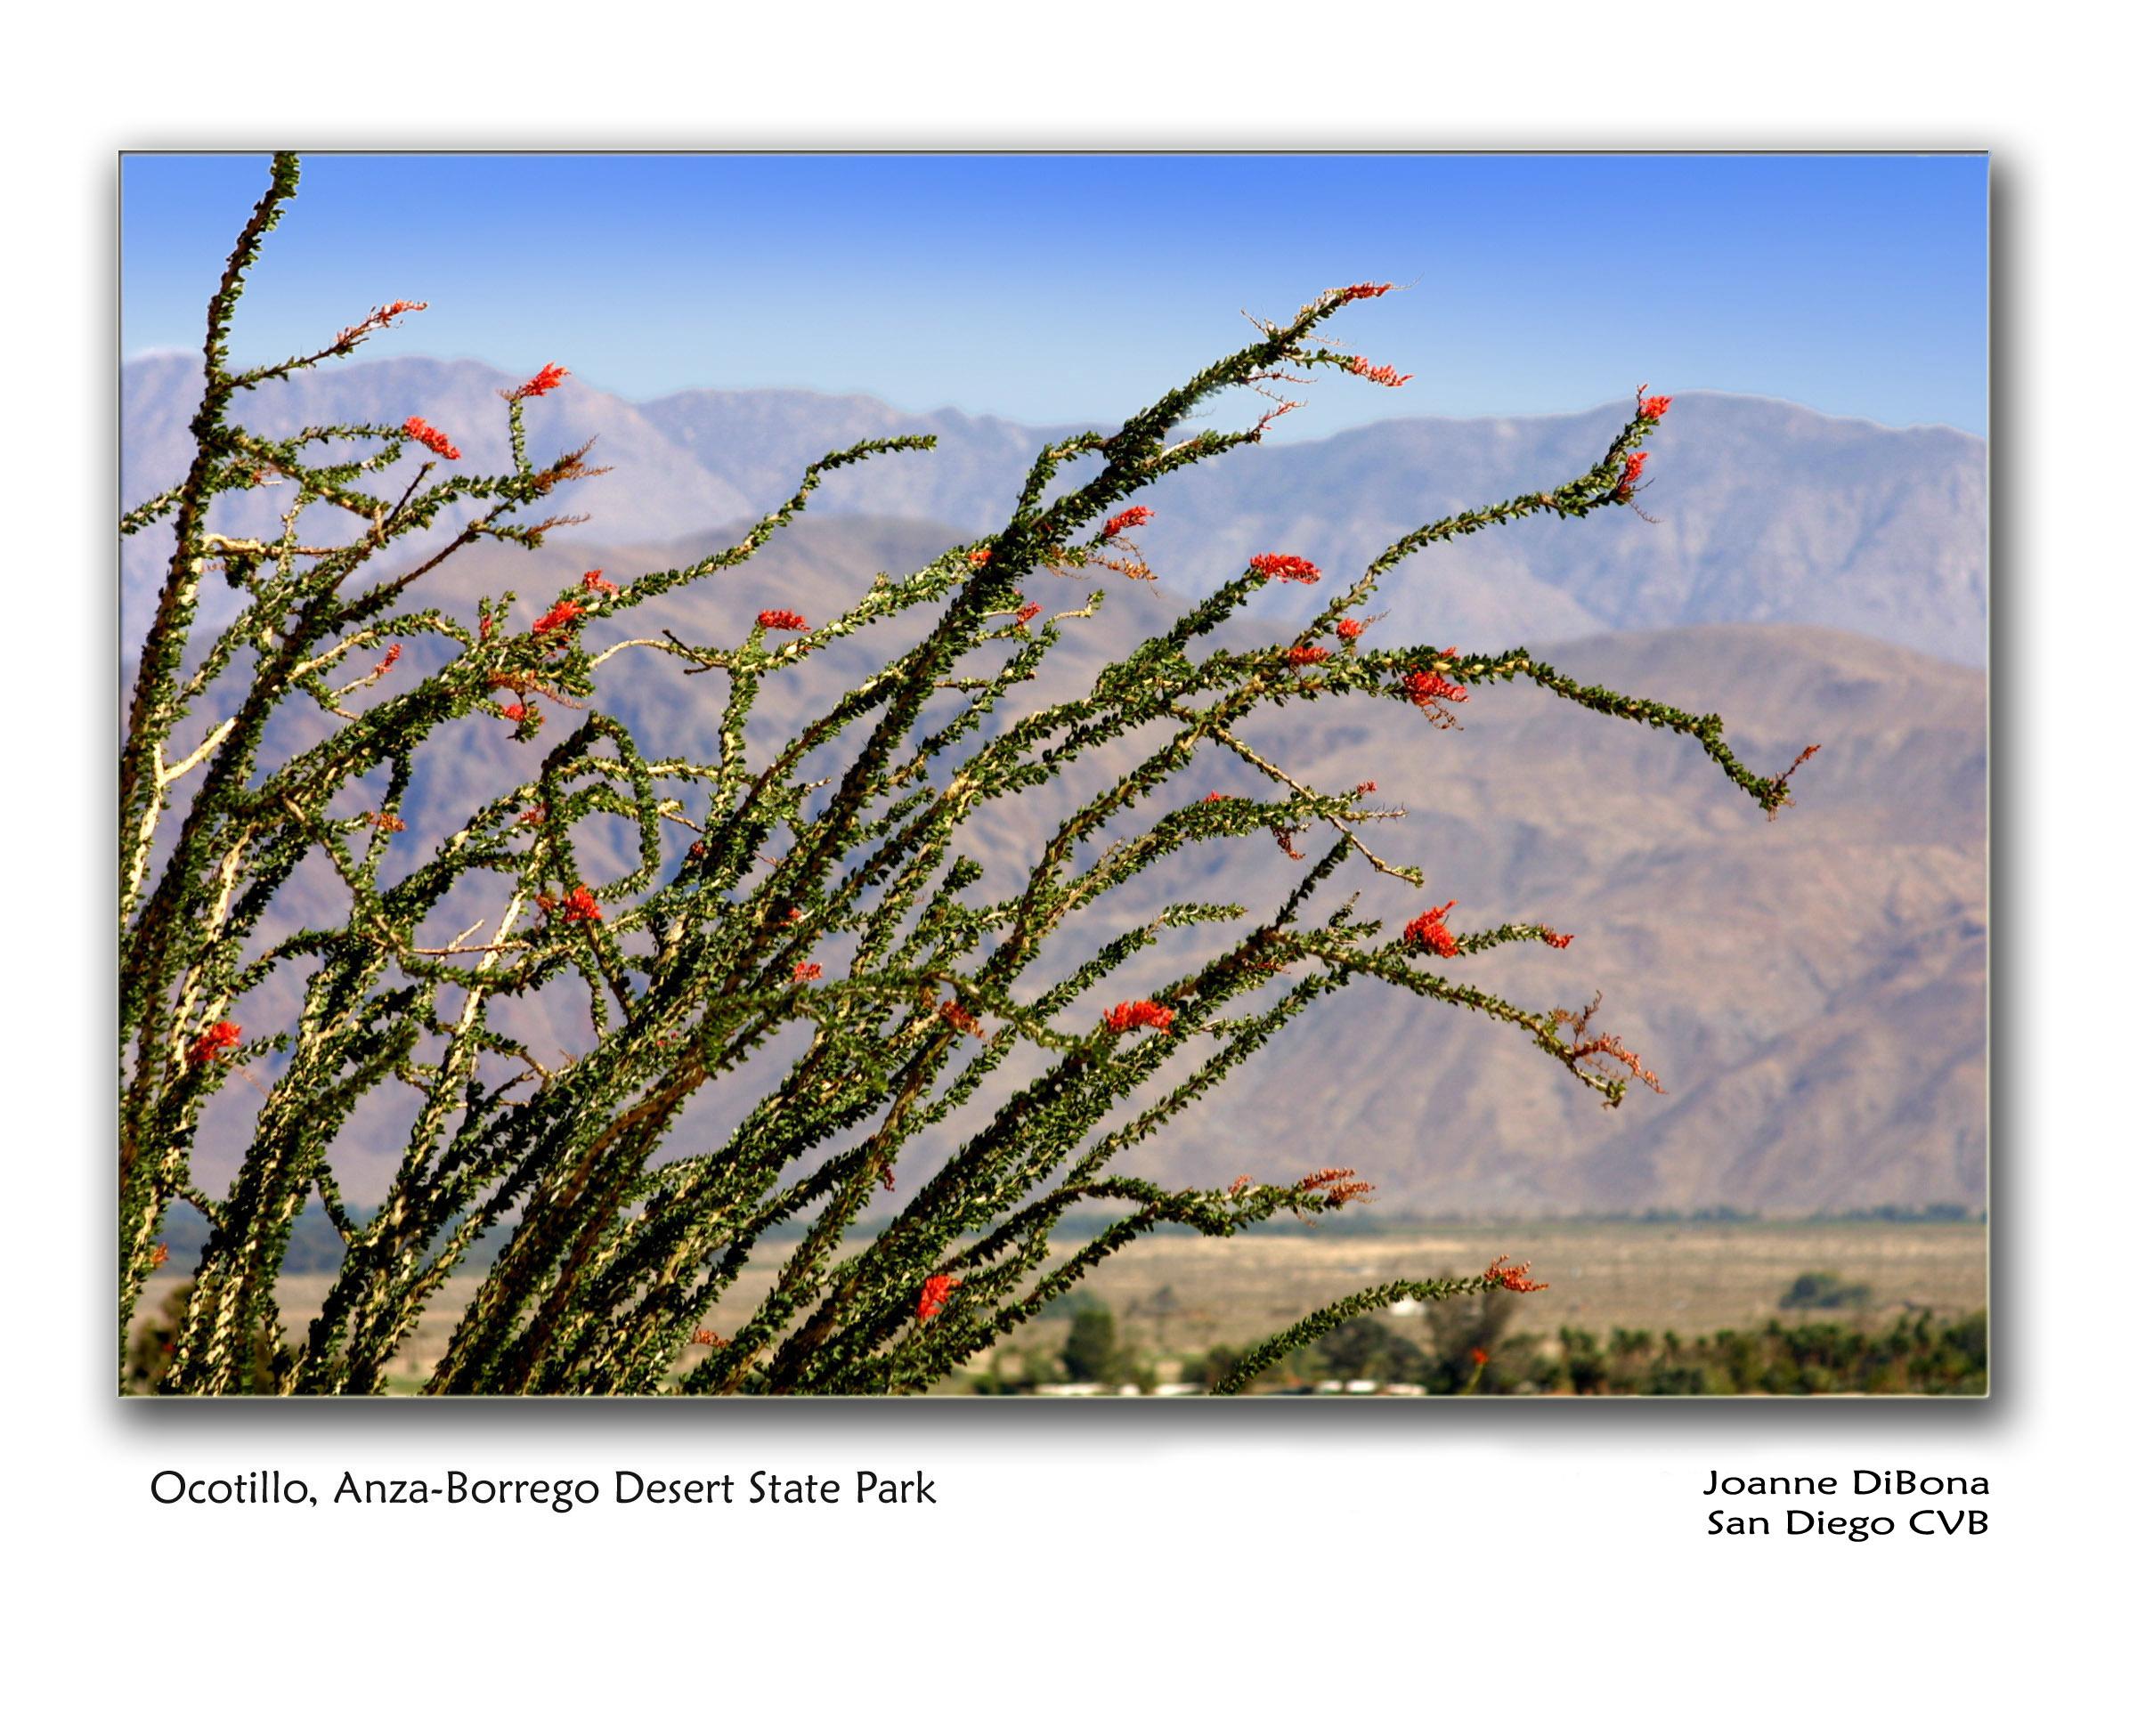 Ocotillo Anza-Borrego Desert State Park